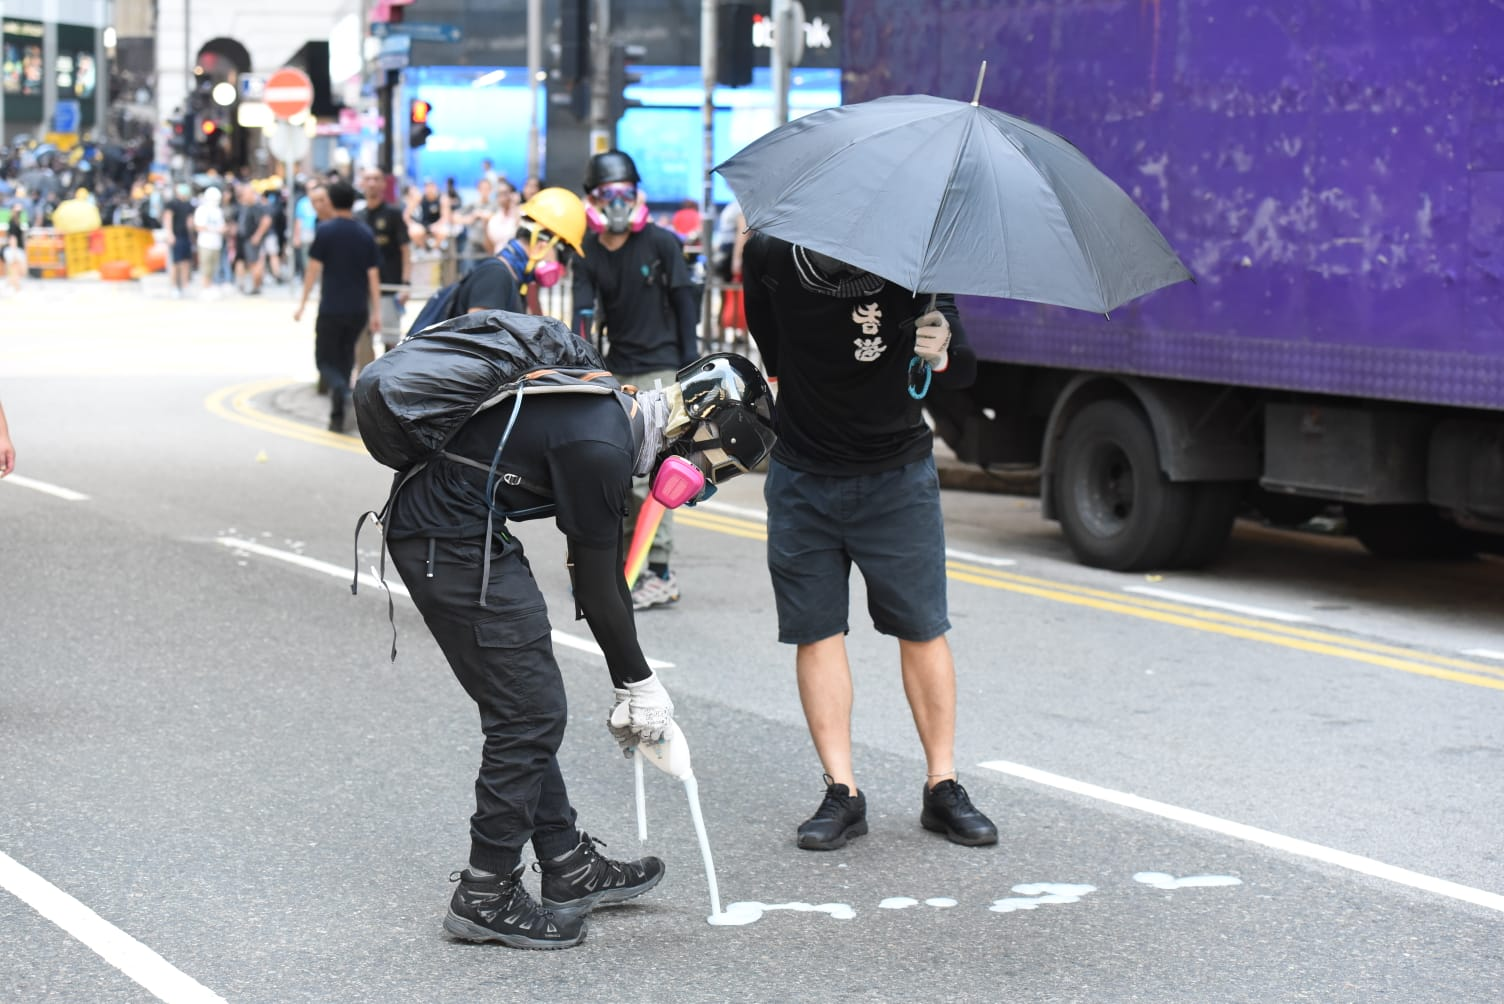 有示威者懷疑在地上倒下洗潔精水。黃文威攝